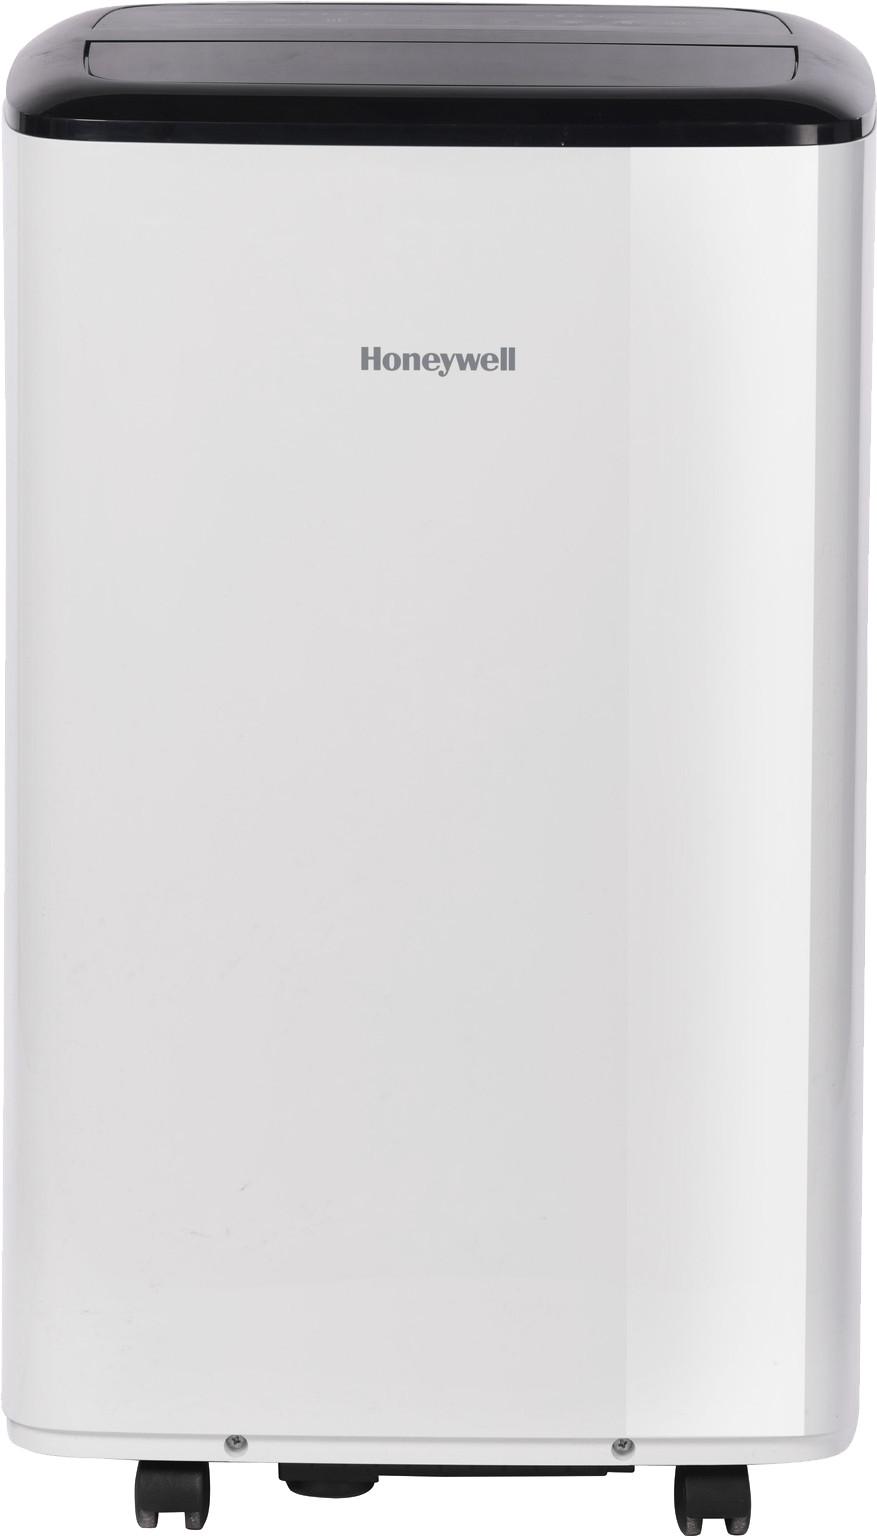 Honeywell HF08CES Main Image